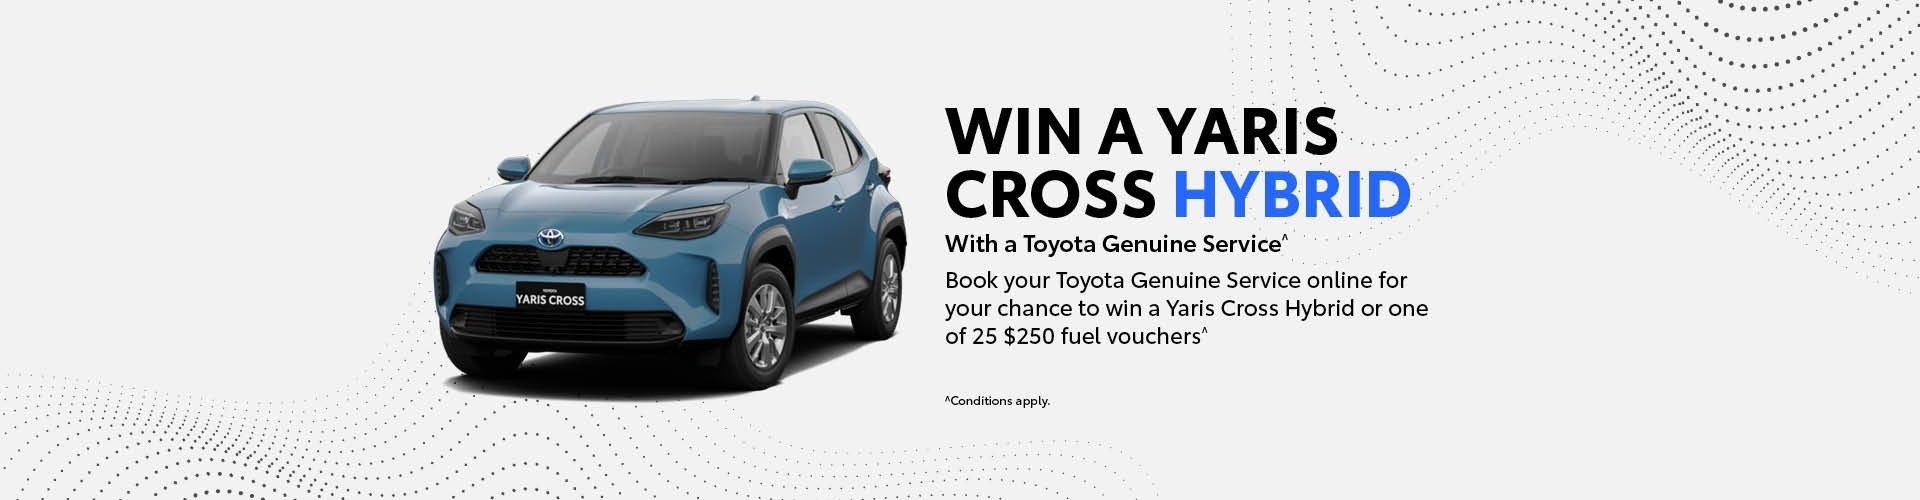 Mansfield Toyota - Win a Yaris Cross